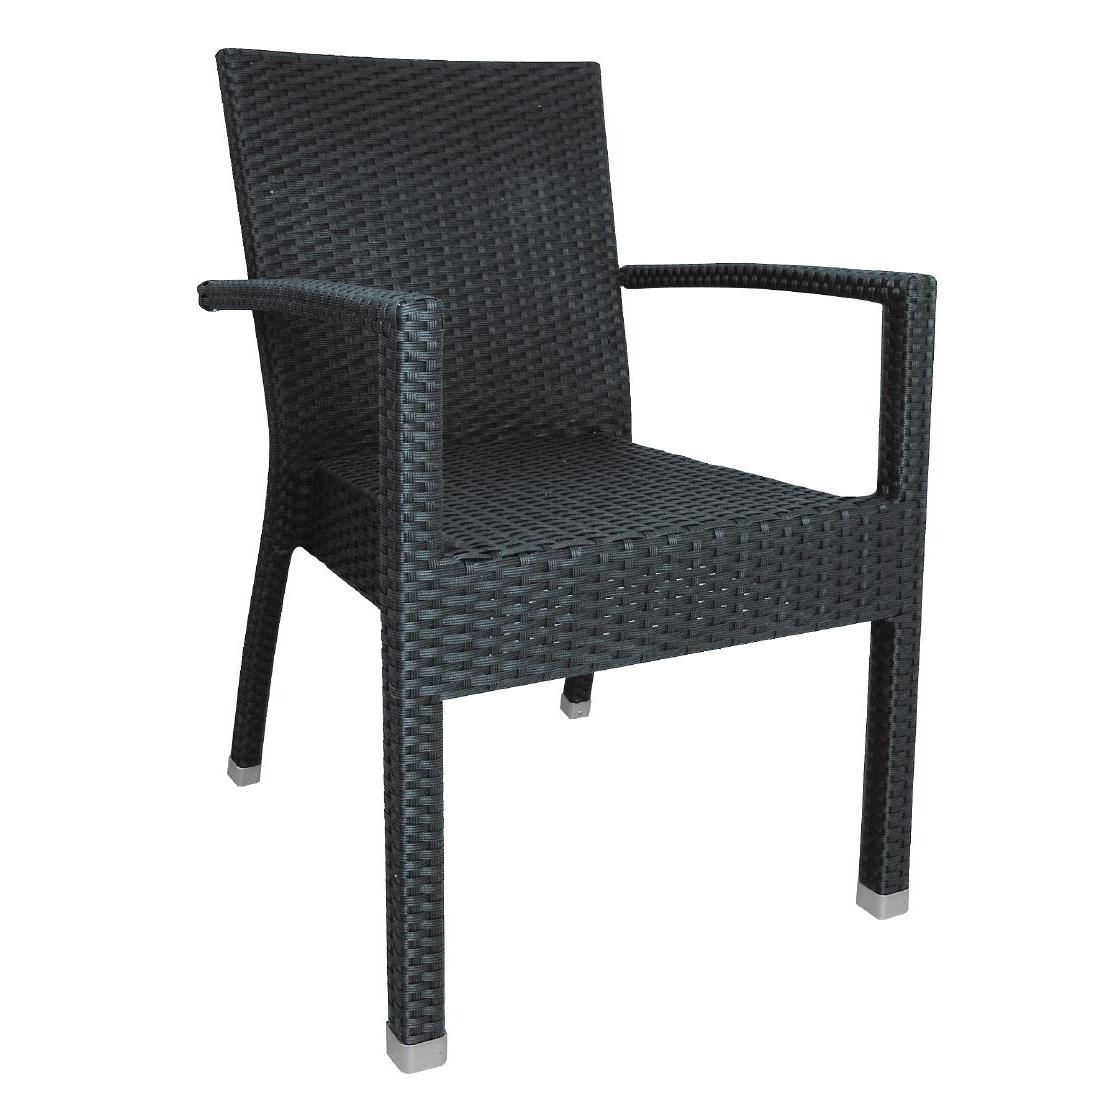 outdoor stuhl krista 300st a anthrazit g nstig kaufen m bel star. Black Bedroom Furniture Sets. Home Design Ideas